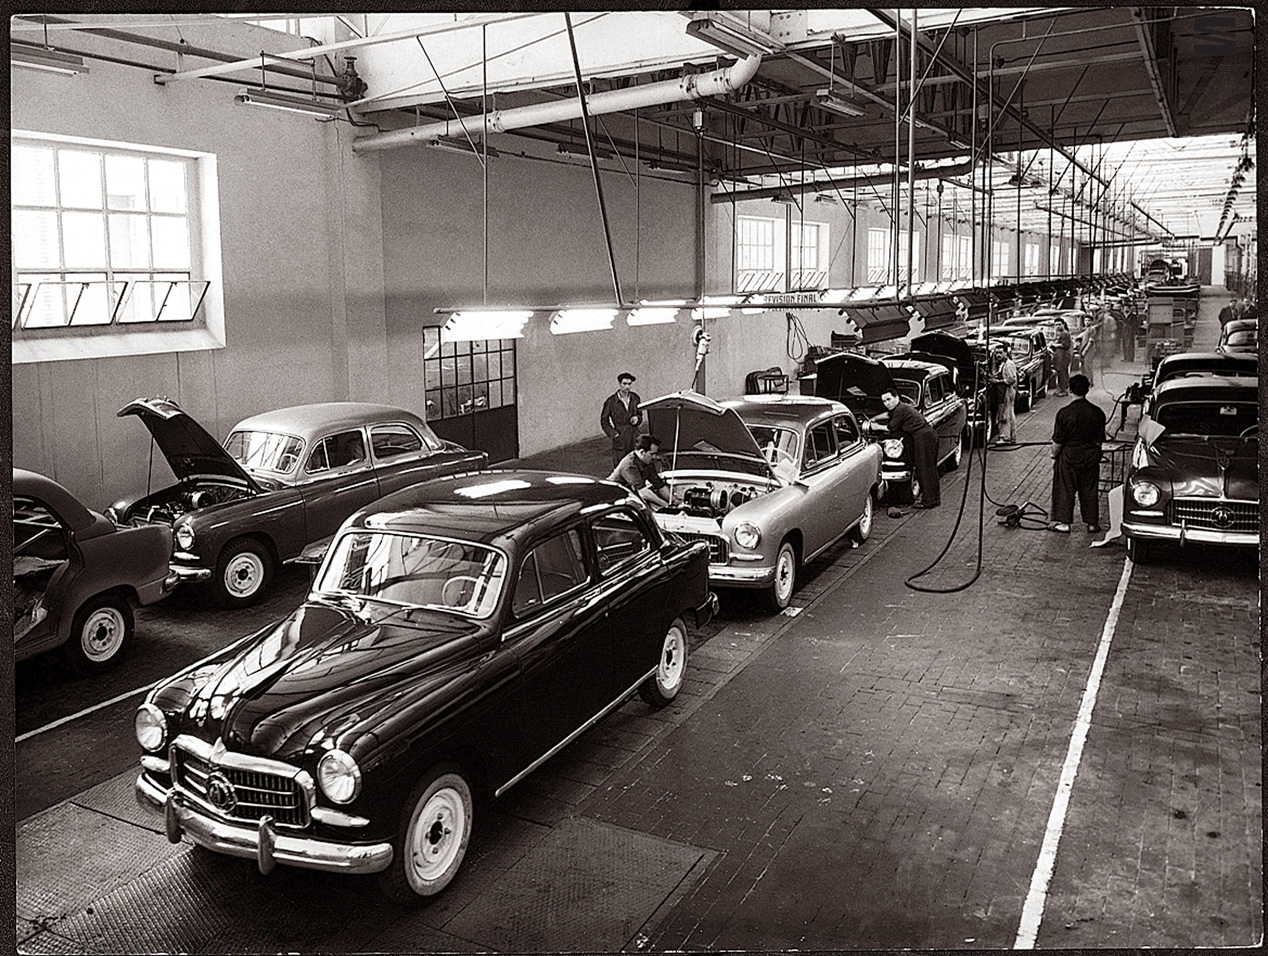 50 años de historia en Seat: así se fabricaban y fabrican sus coches